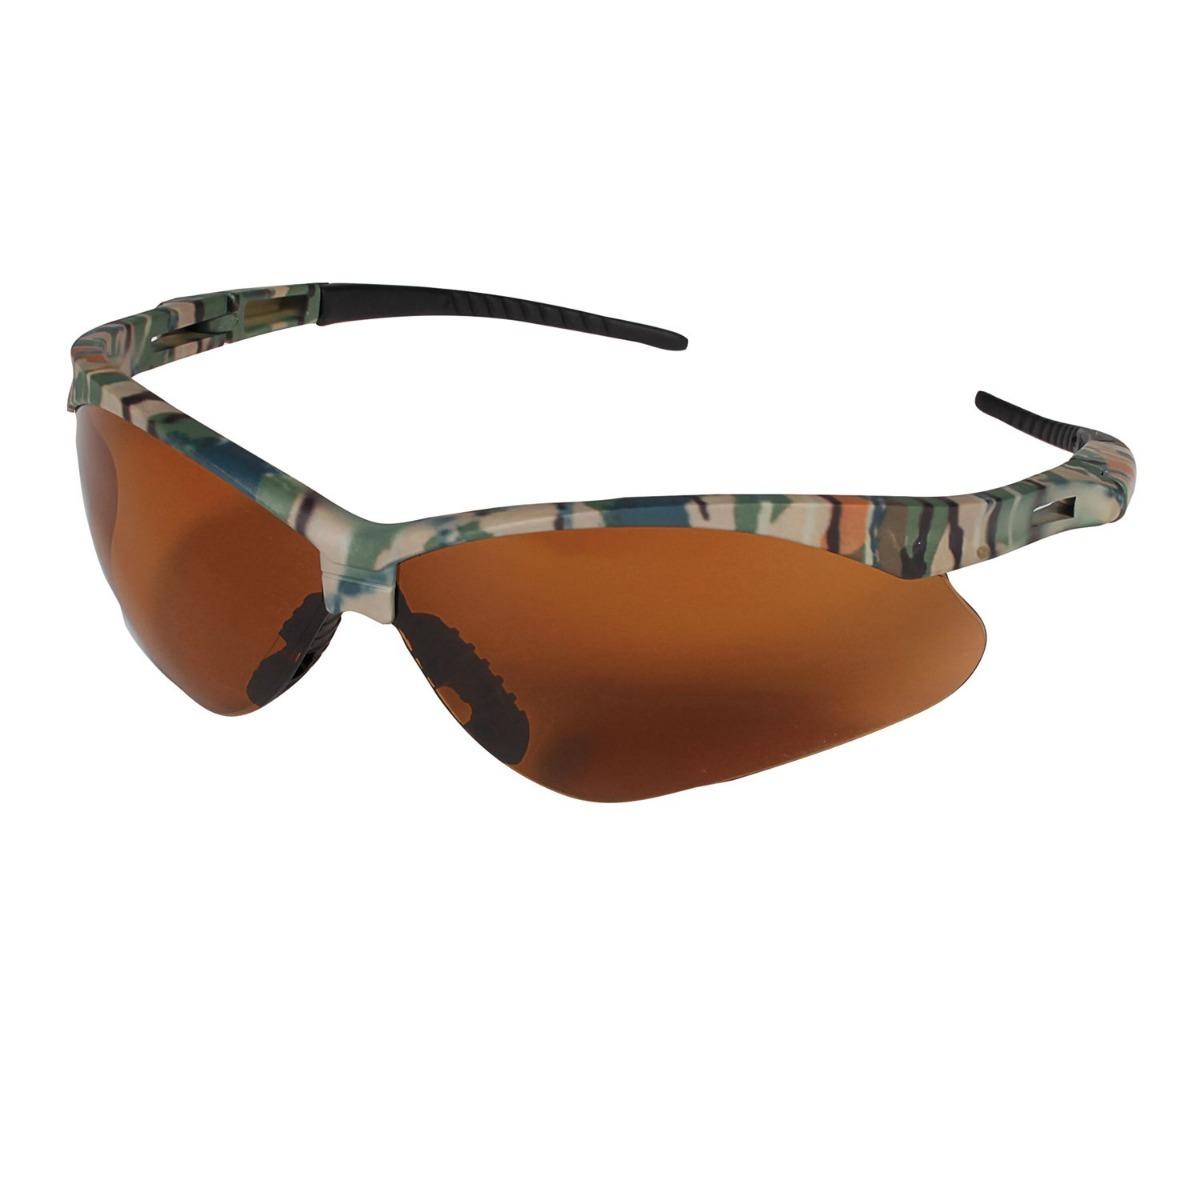 9256c2d7cb849 oculos nemesis jackson flexivel varias cores ca epi uv leve. Carregando  zoom.